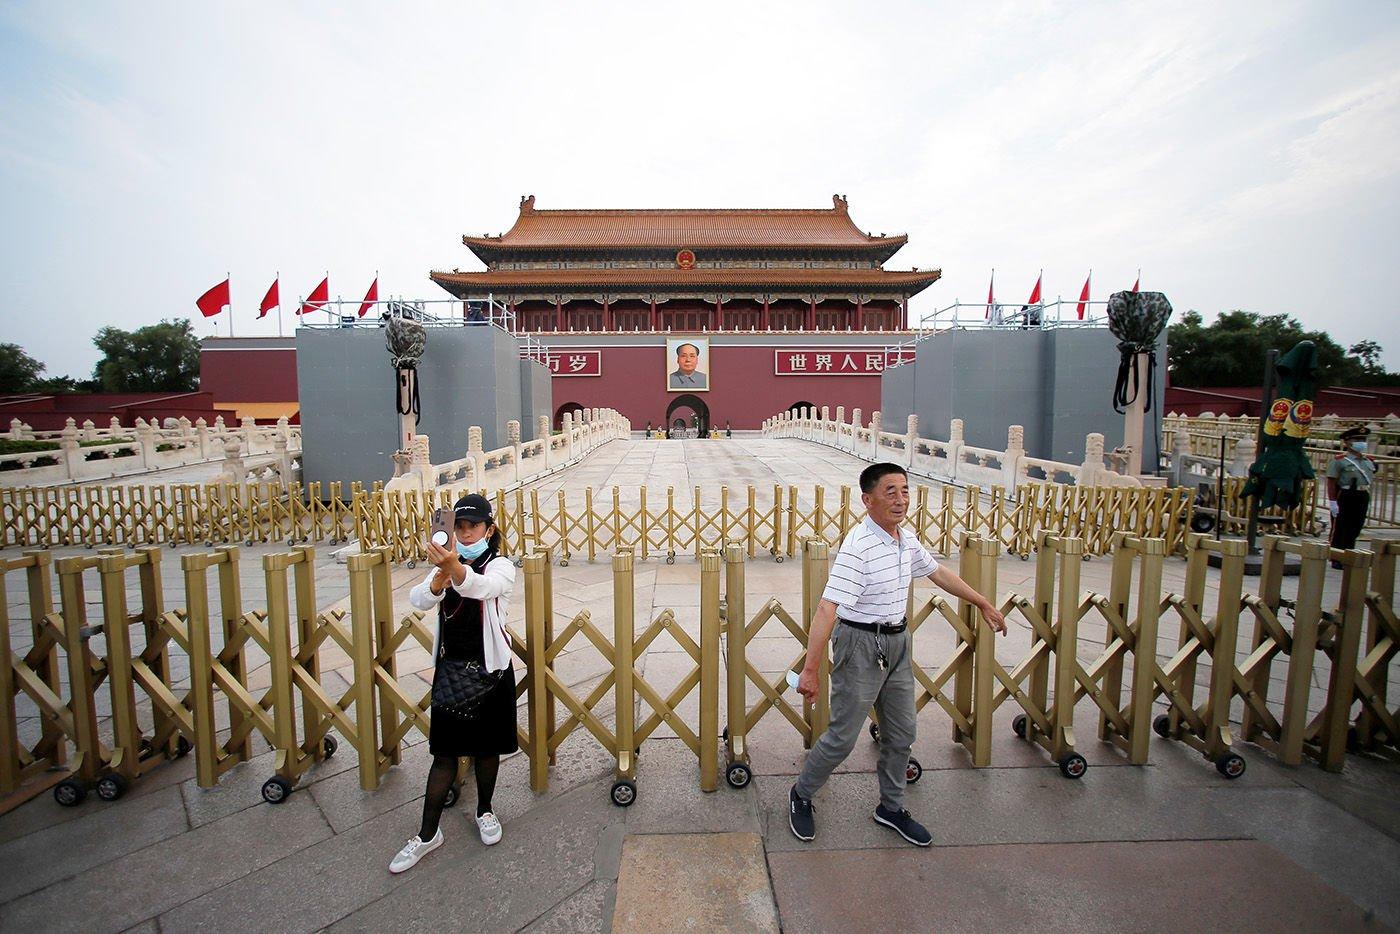 北京市中心的天安門地區已經開始安裝慶典的相關設備。